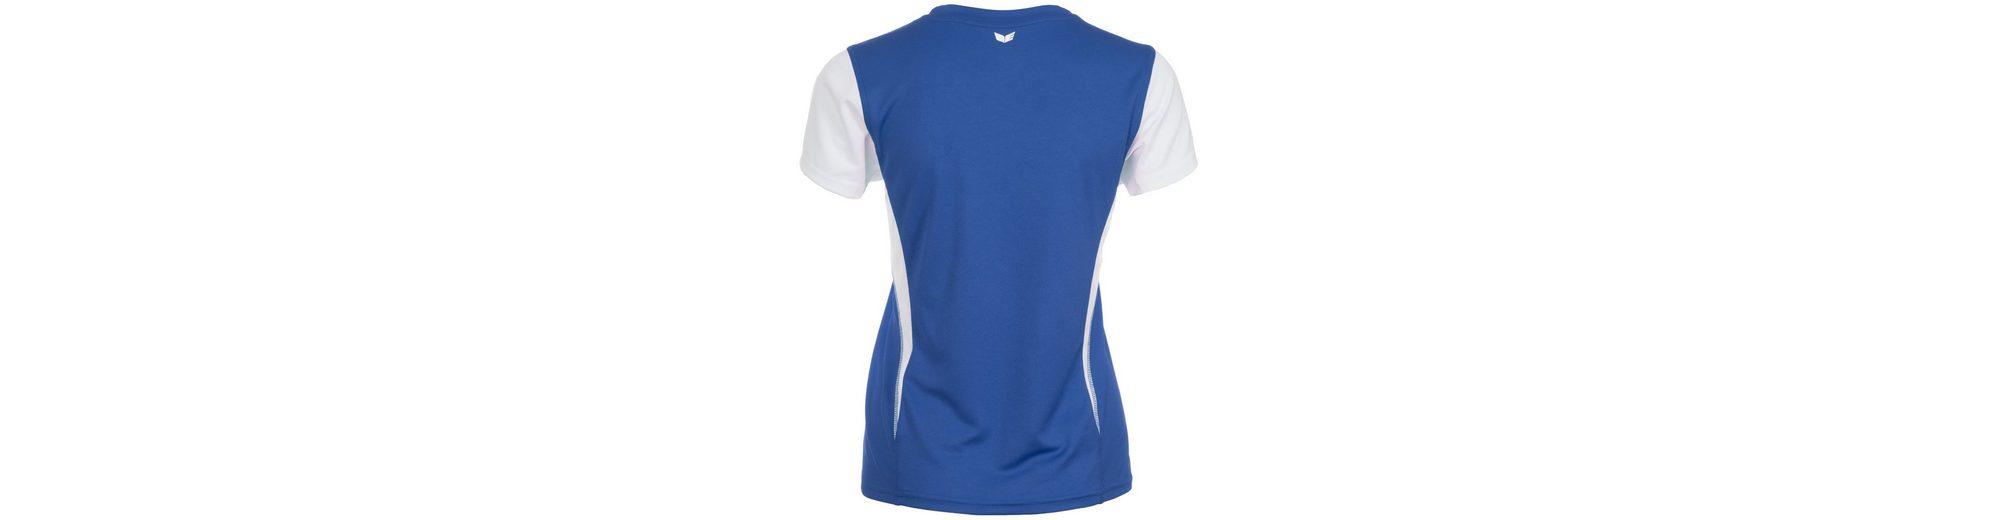 Günstiger Preis Großhandelspreis ERIMA T-Shirt Damen Günstig Kauft Niedrigen Versand Verkauf Zum Verkauf Sast Zum Verkauf Einkaufen ME7VyWaXX